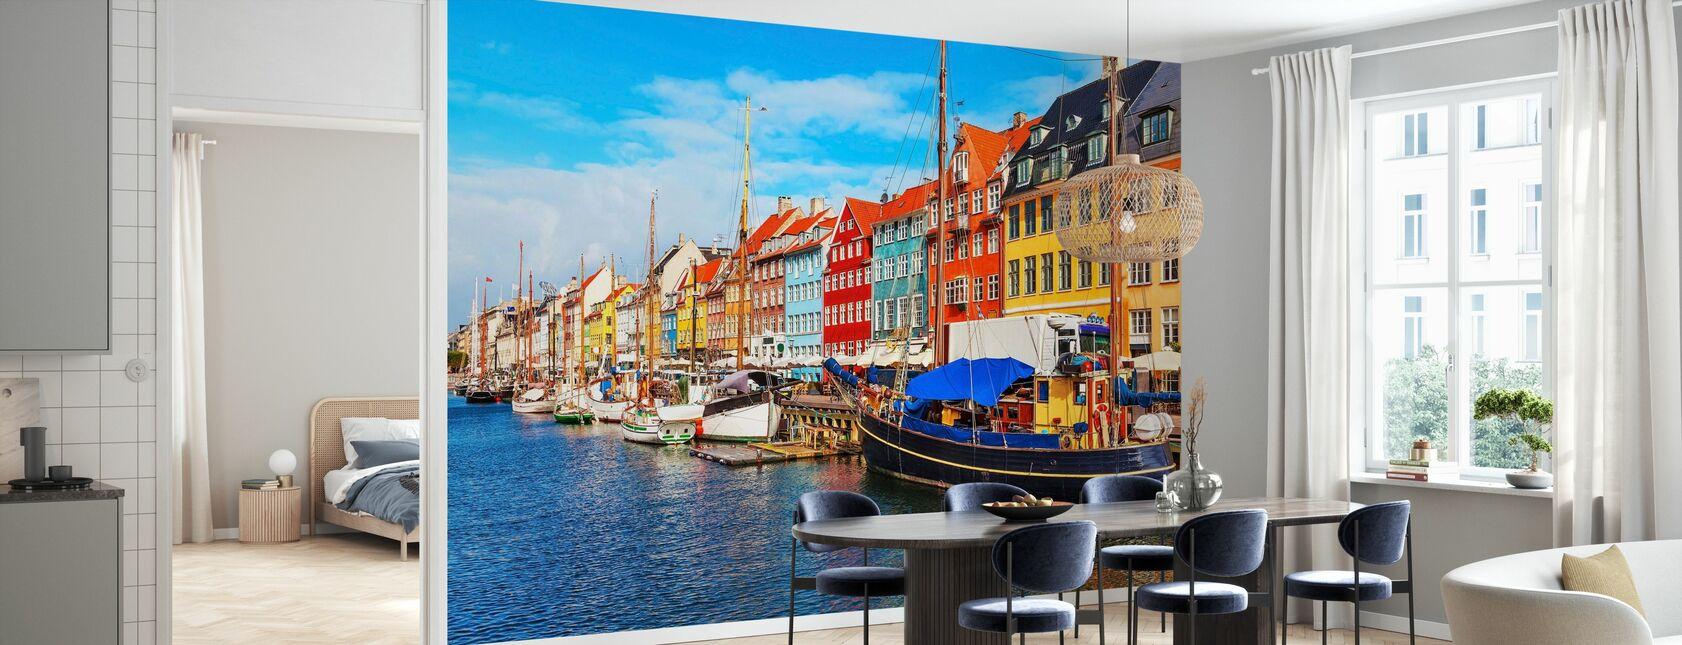 Sommar Vy över Nyhavn Pier - Tapet - Kök